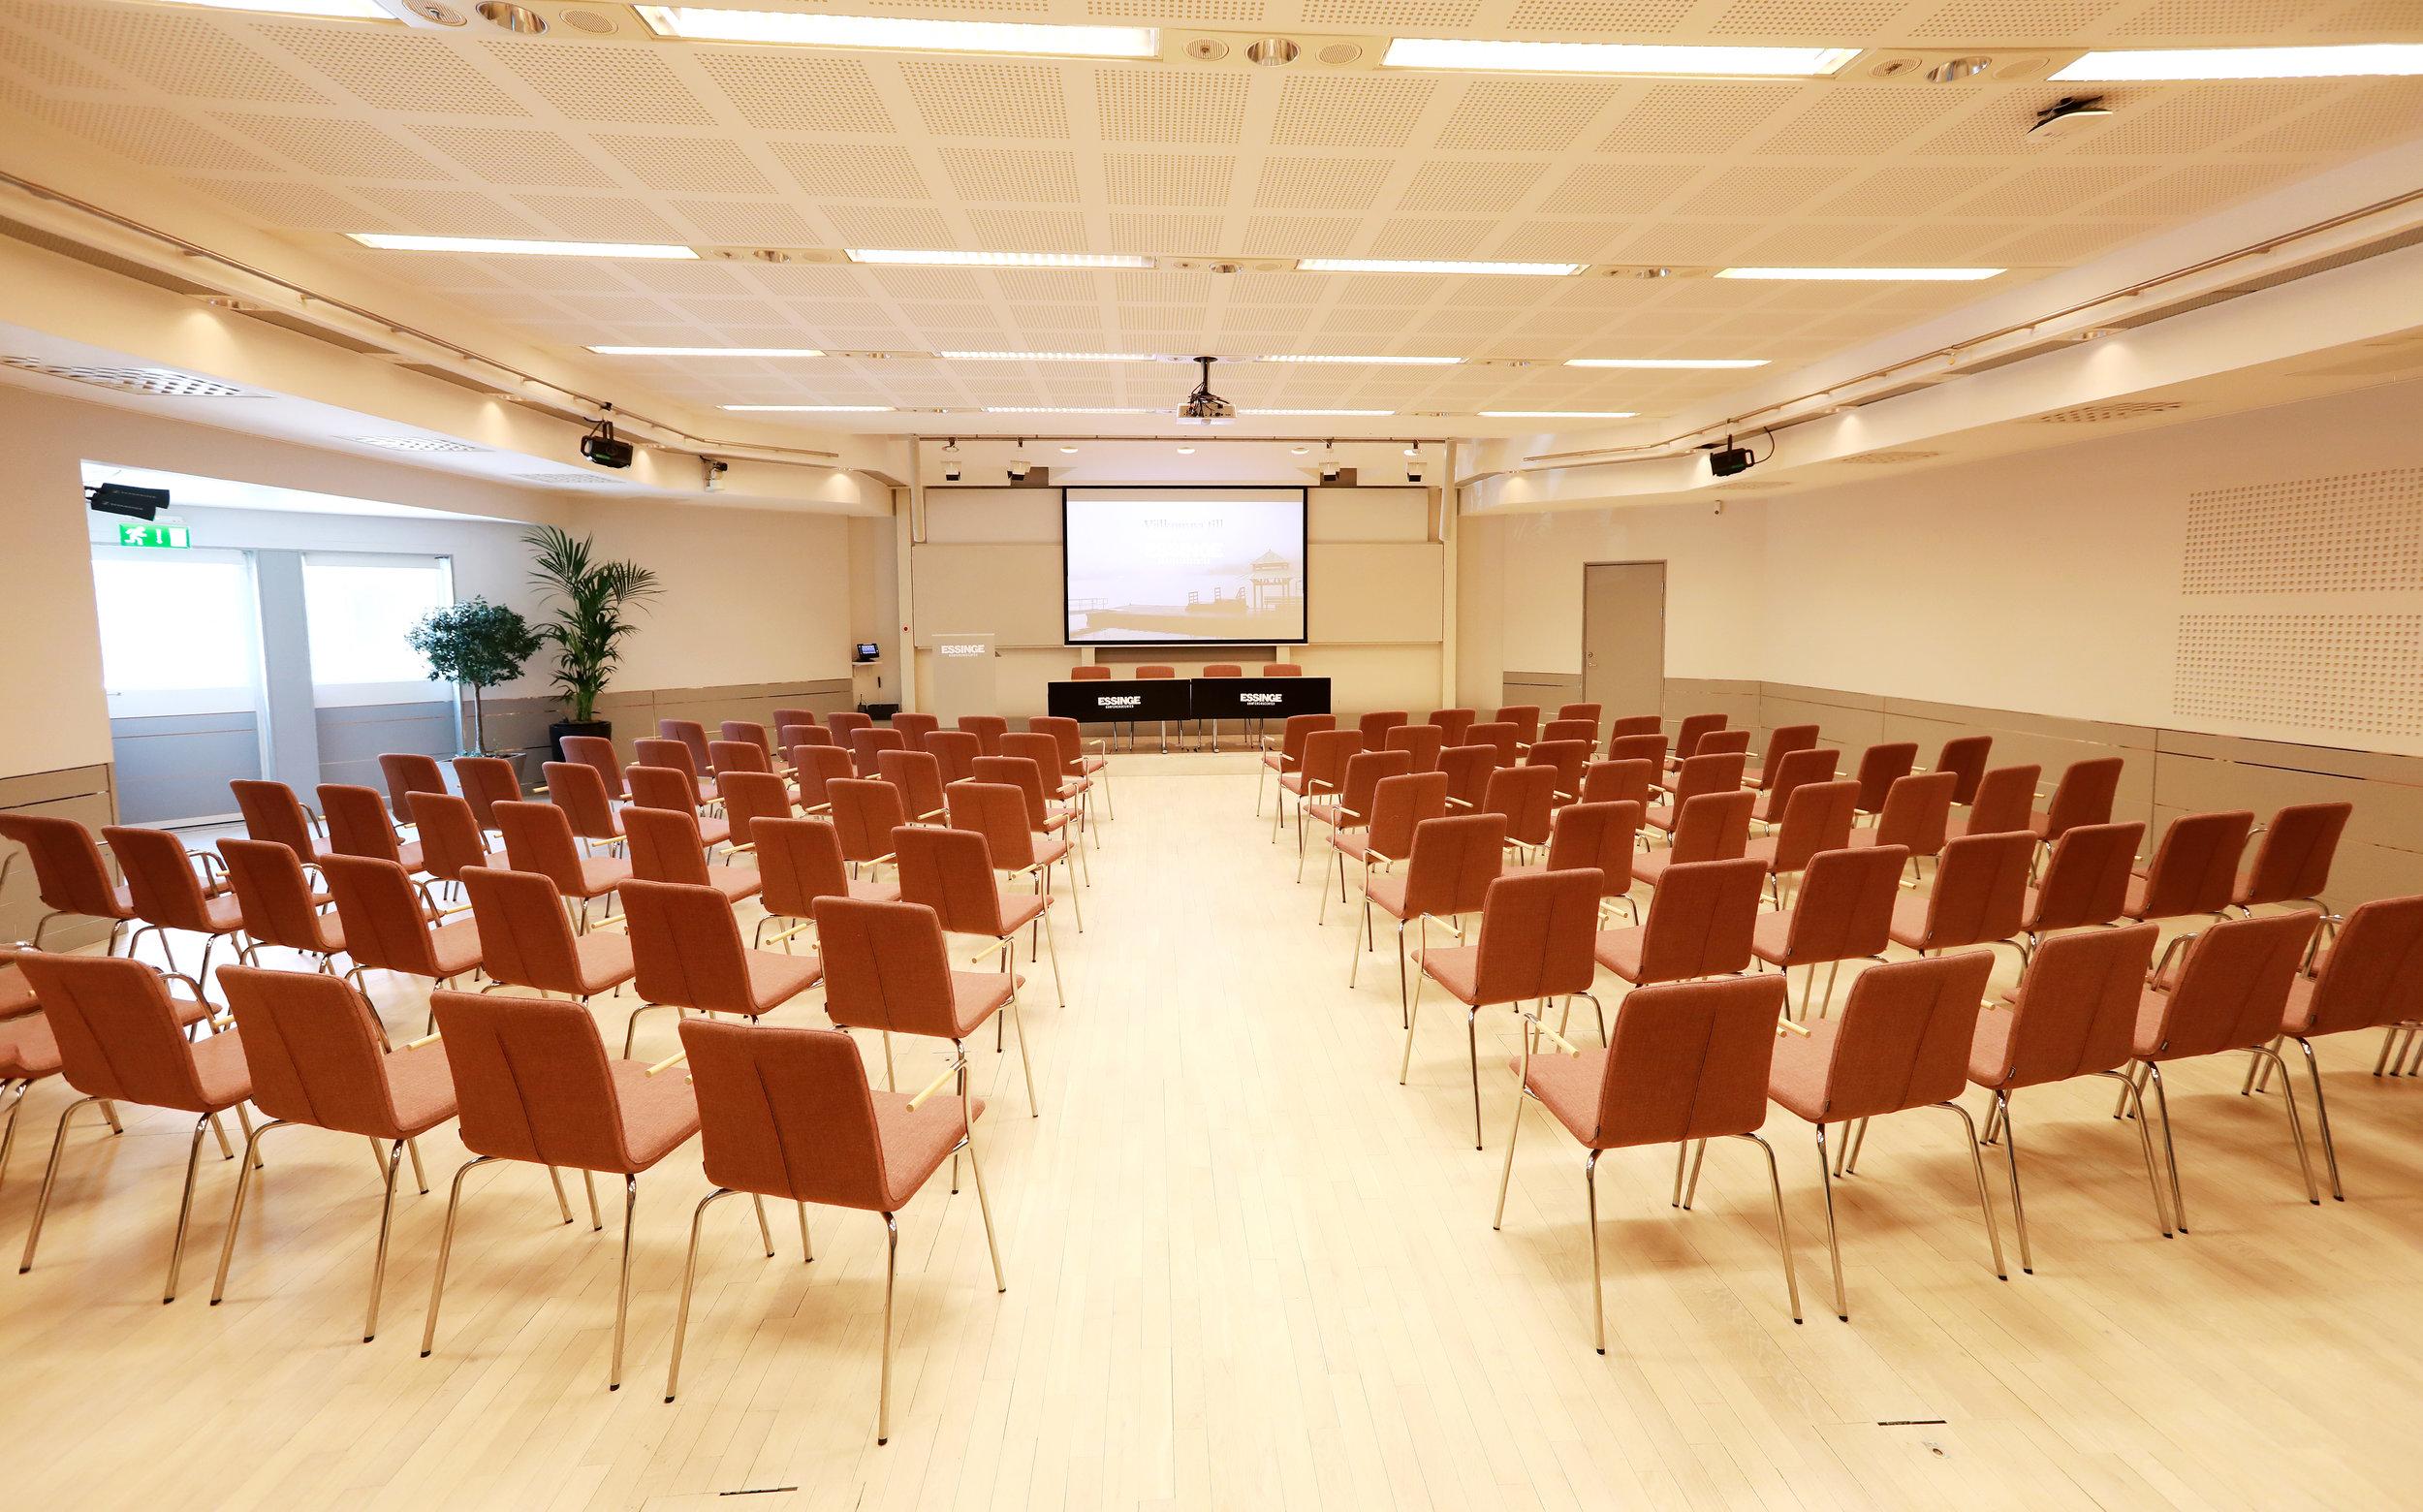 Alvikssalen, inspirerande lokal för kreativa konferenser, möten och utbildningar.